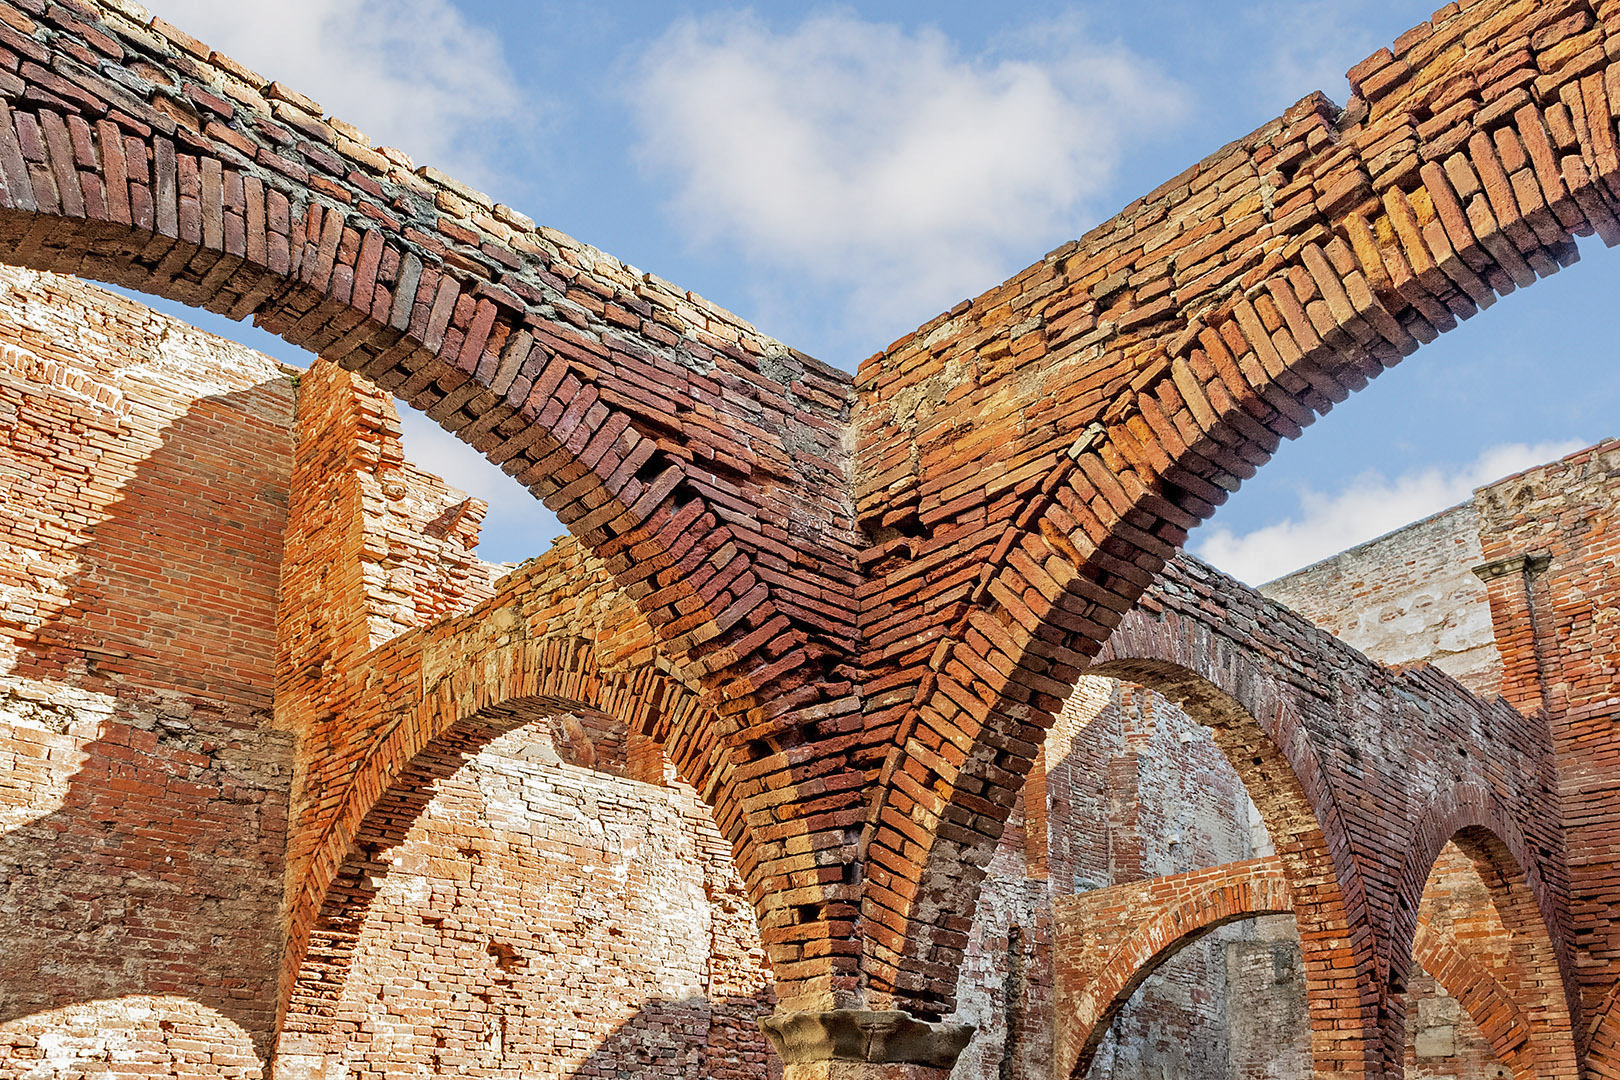 Fortezza Vecchia di Livorno - Arcate cortile d'armi